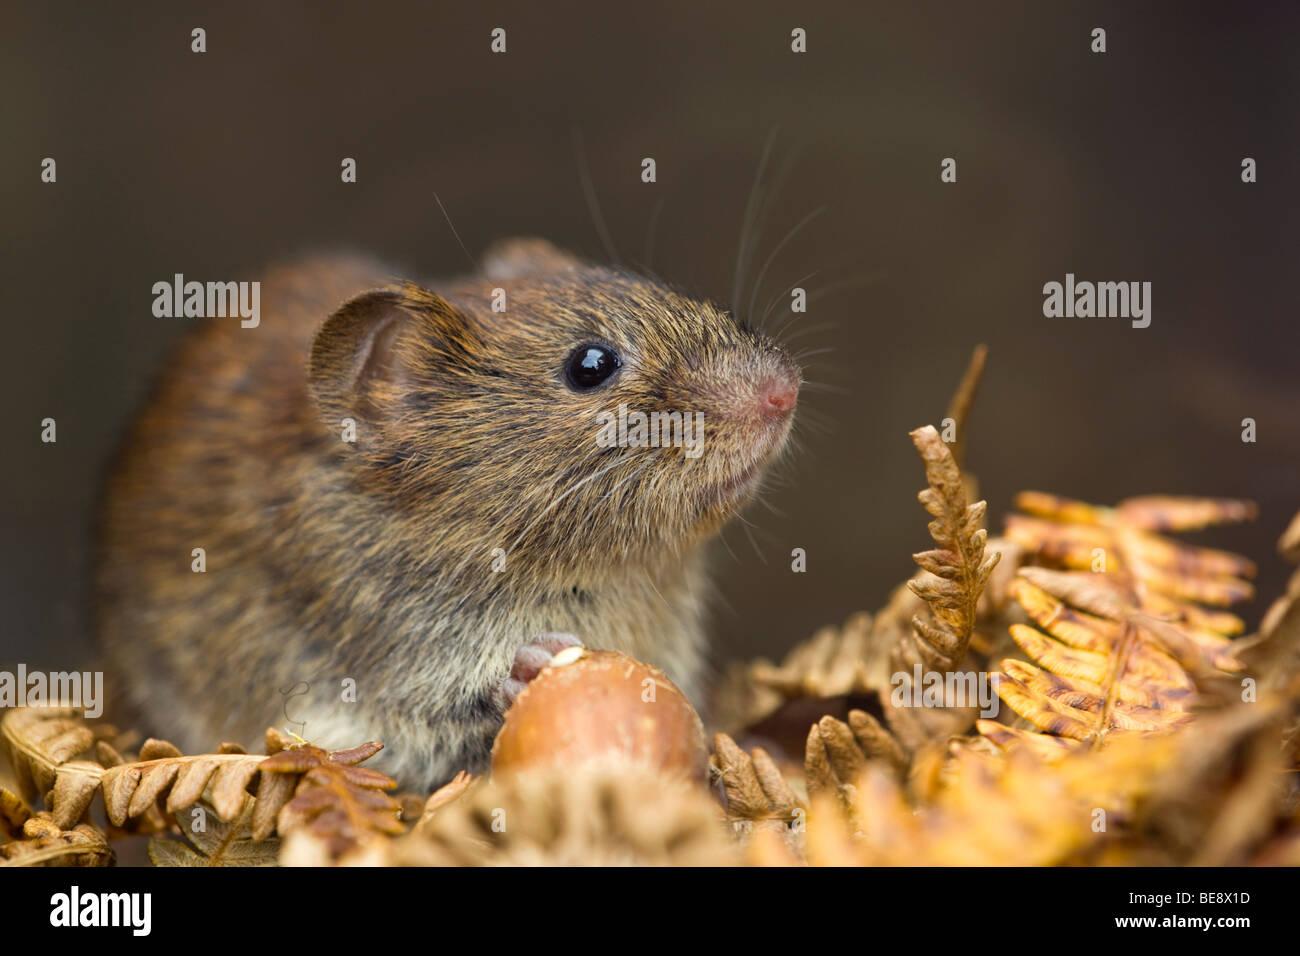 bank vole; Clethrionomys glareolus; with hazel nut - Stock Image